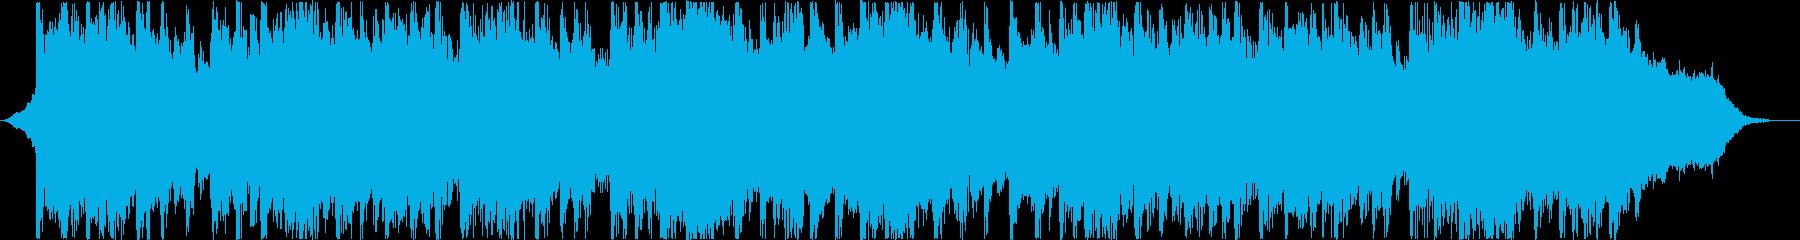 ピアノとストリングス/爽やか系春夏30秒の再生済みの波形